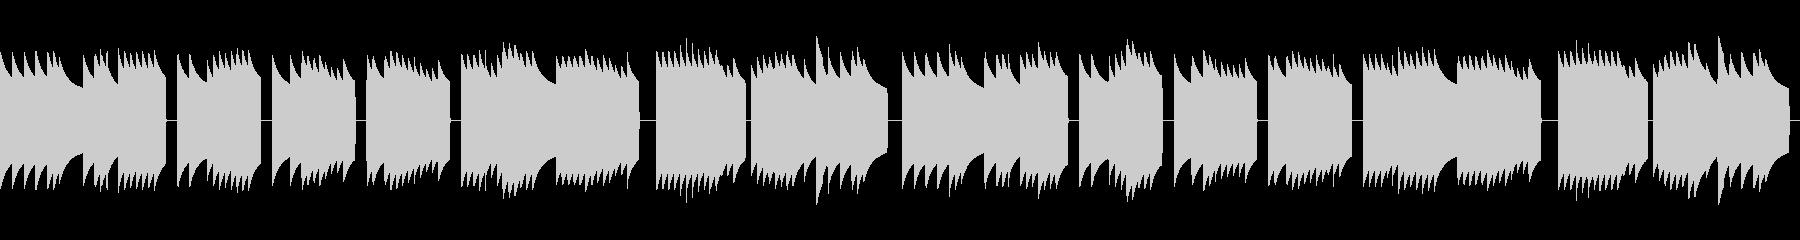 歩行者用信号機の音_とおりゃんせ_05+の未再生の波形